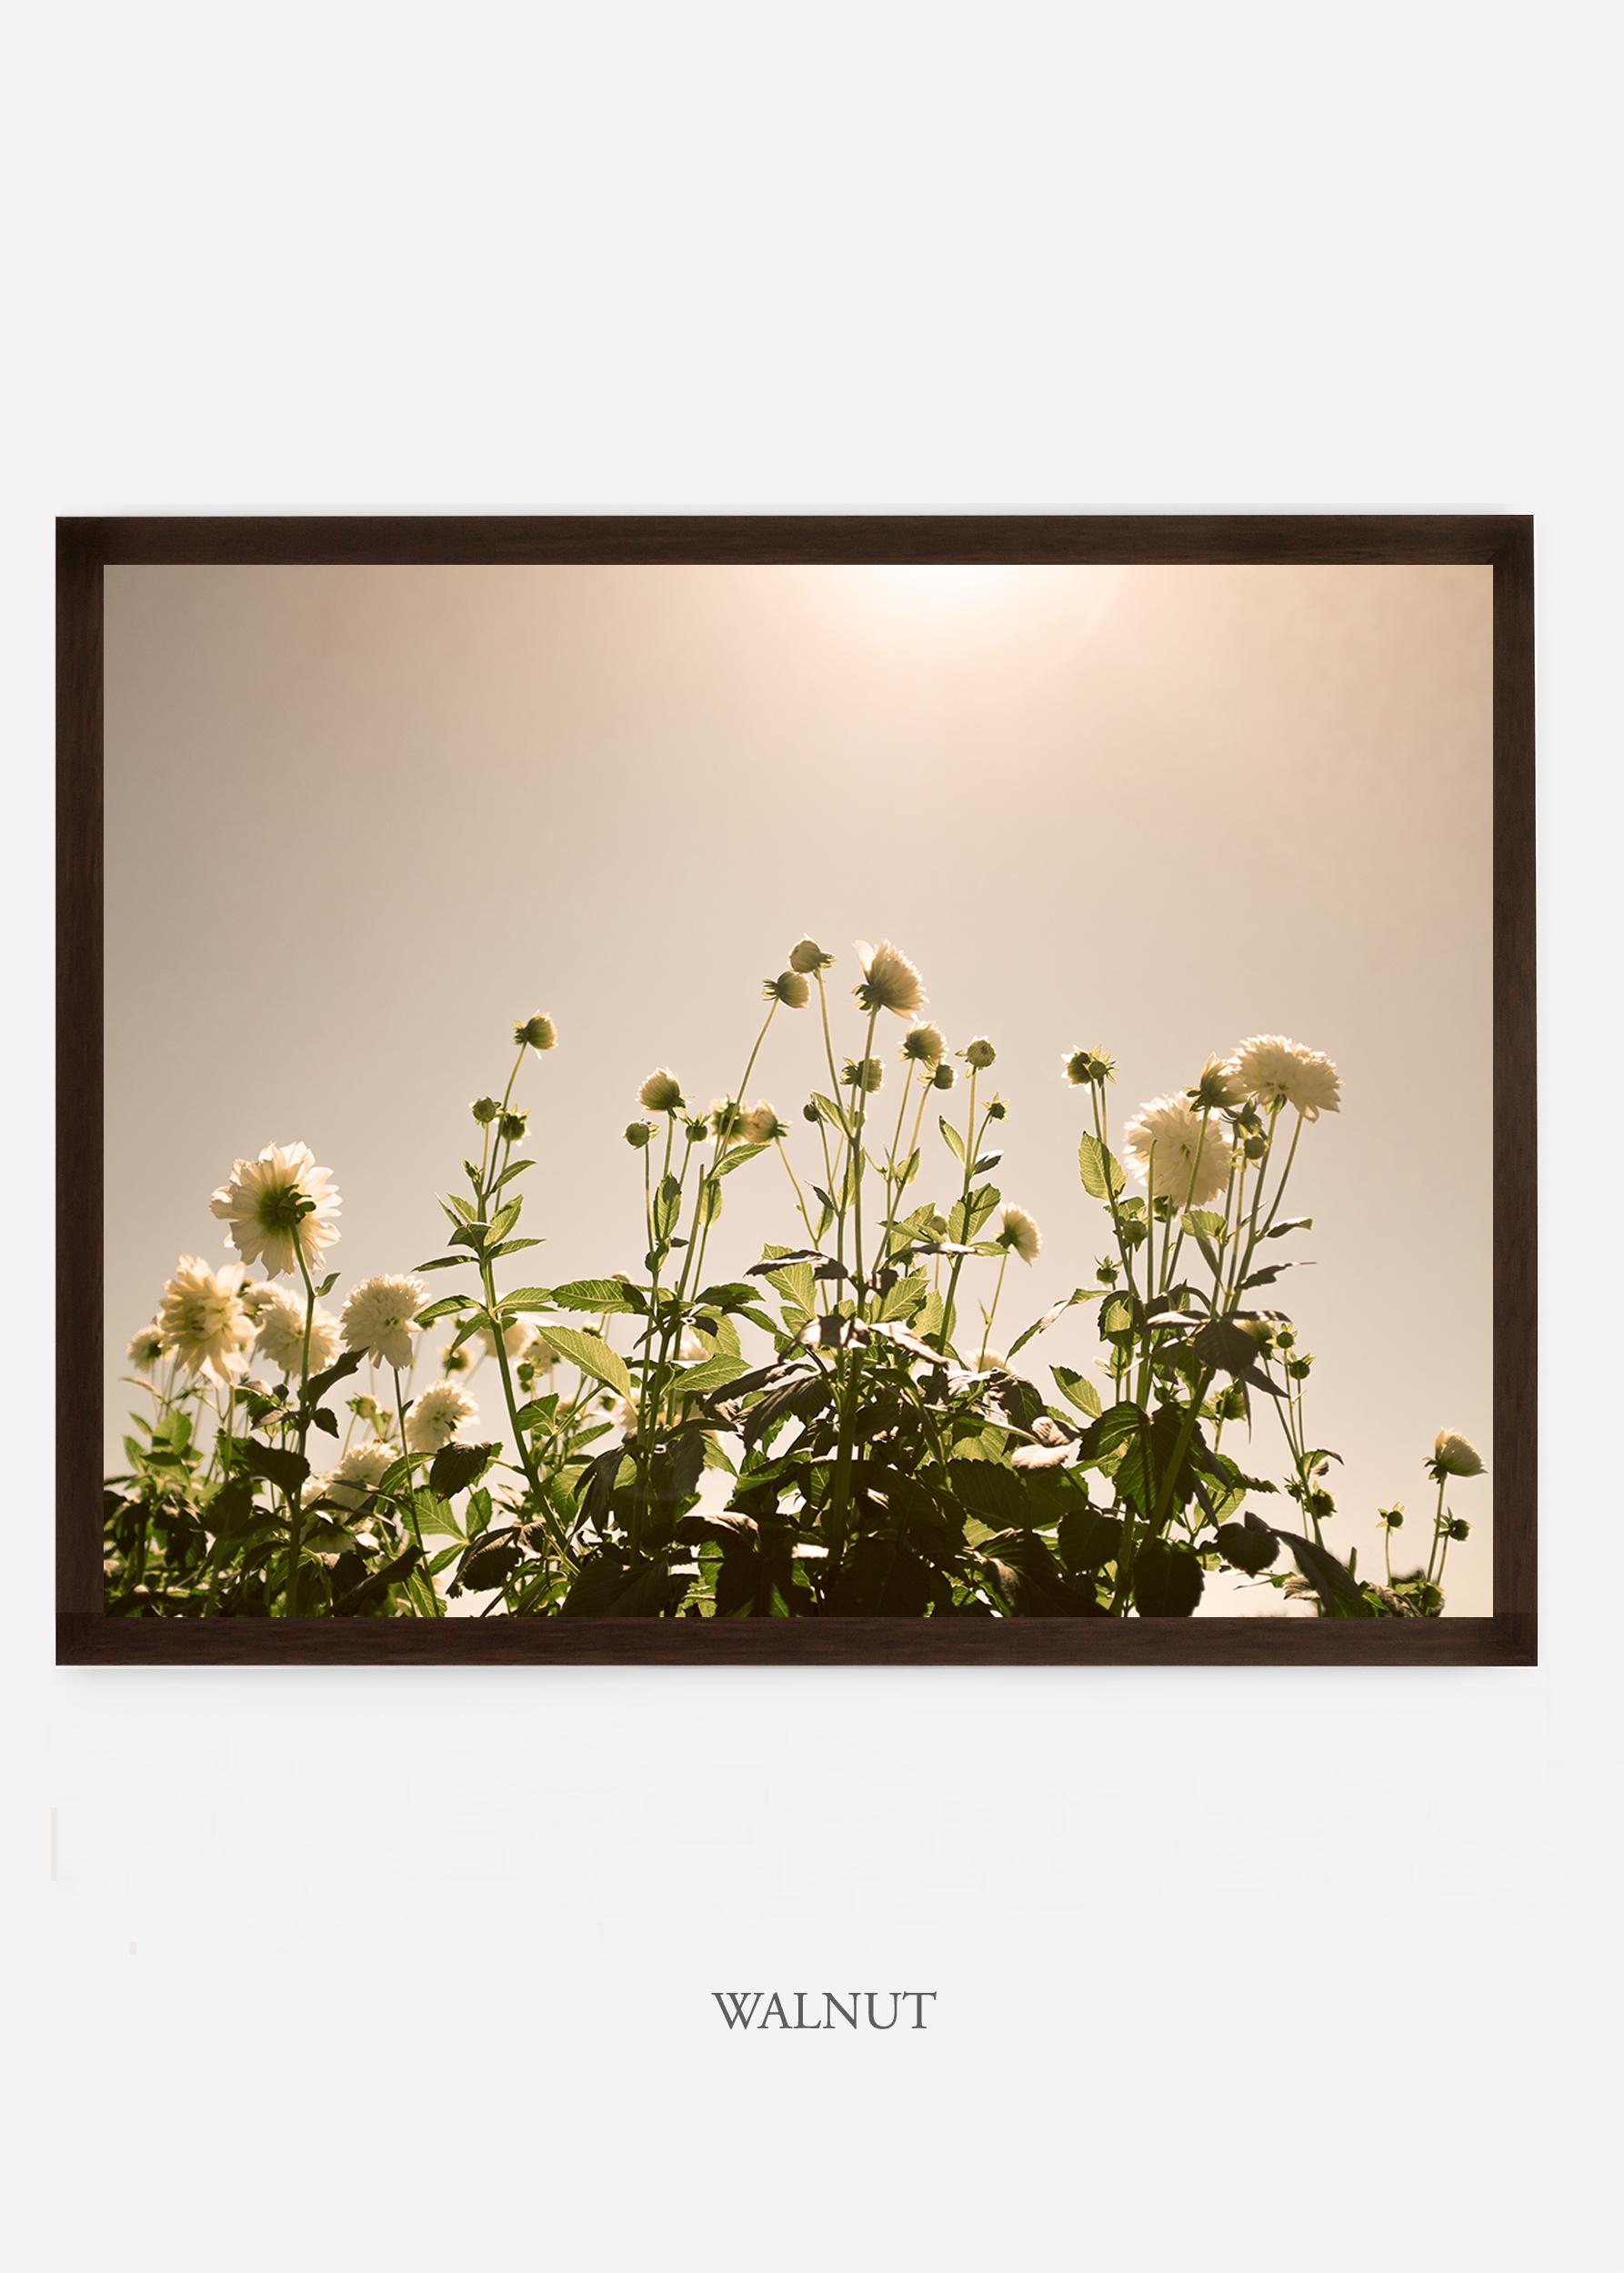 NoMat-DarkWalnutFrame-DahliaNo.7-Wilder-California-Art-Floral-Home-decor-Prints-Dahlia-Botanical-Artwork-Interior-design.jpg